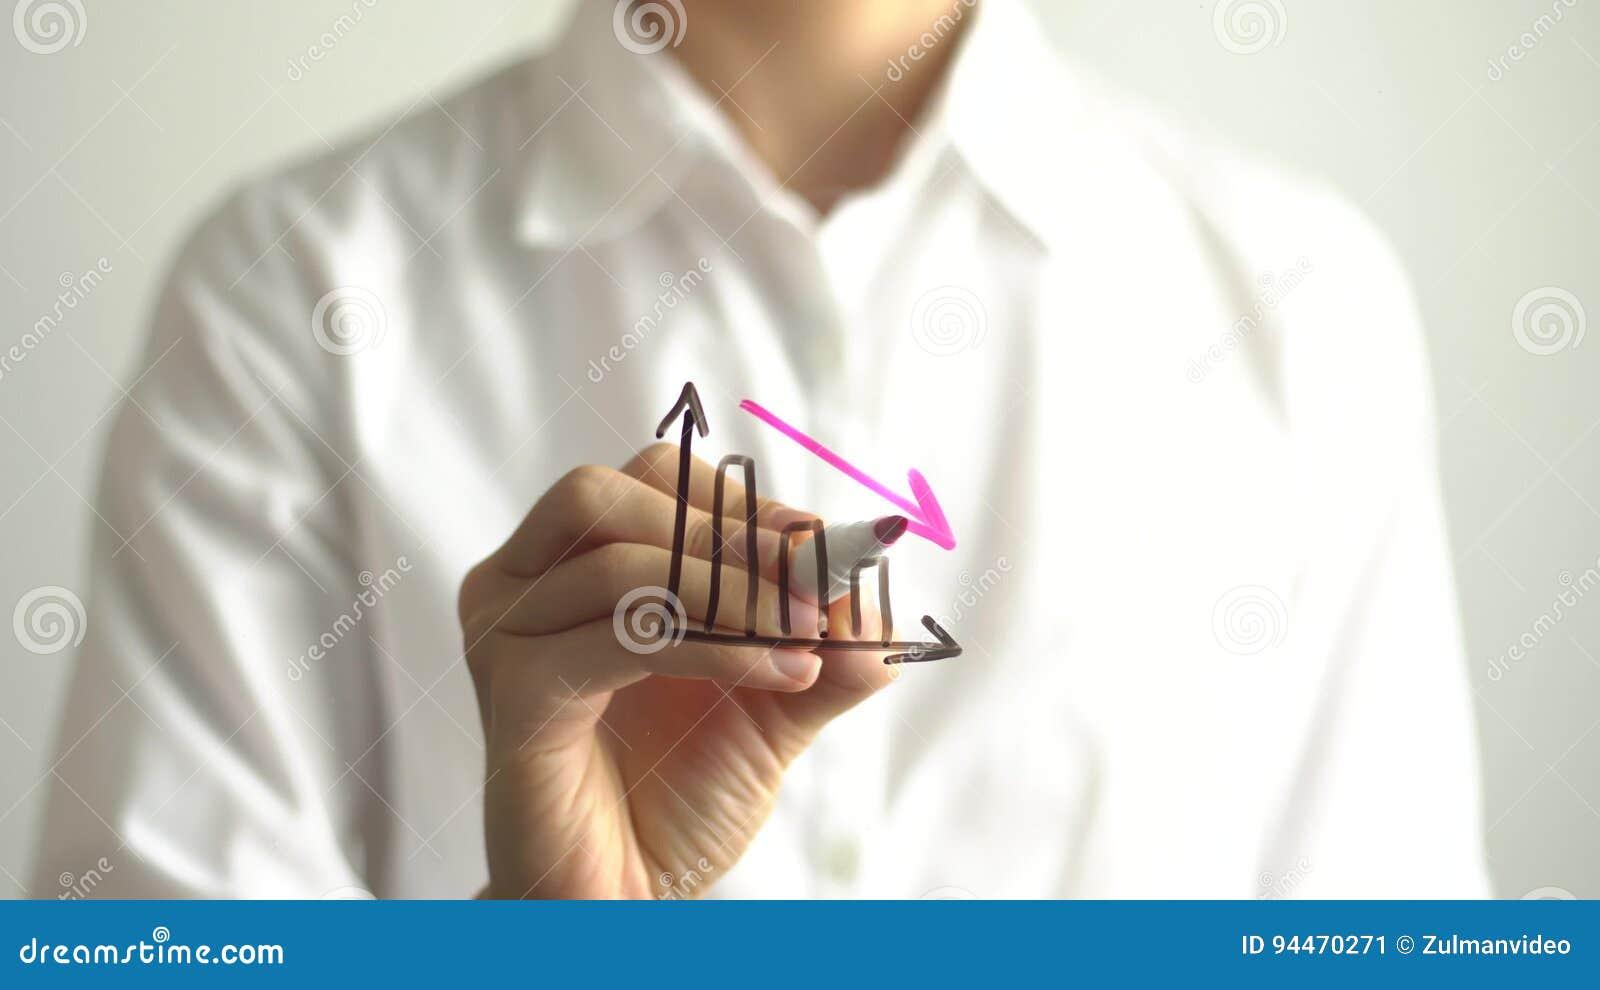 Diagrama de la disminución del dibujo de la mujer con abajo la flecha roja en la pantalla transparente